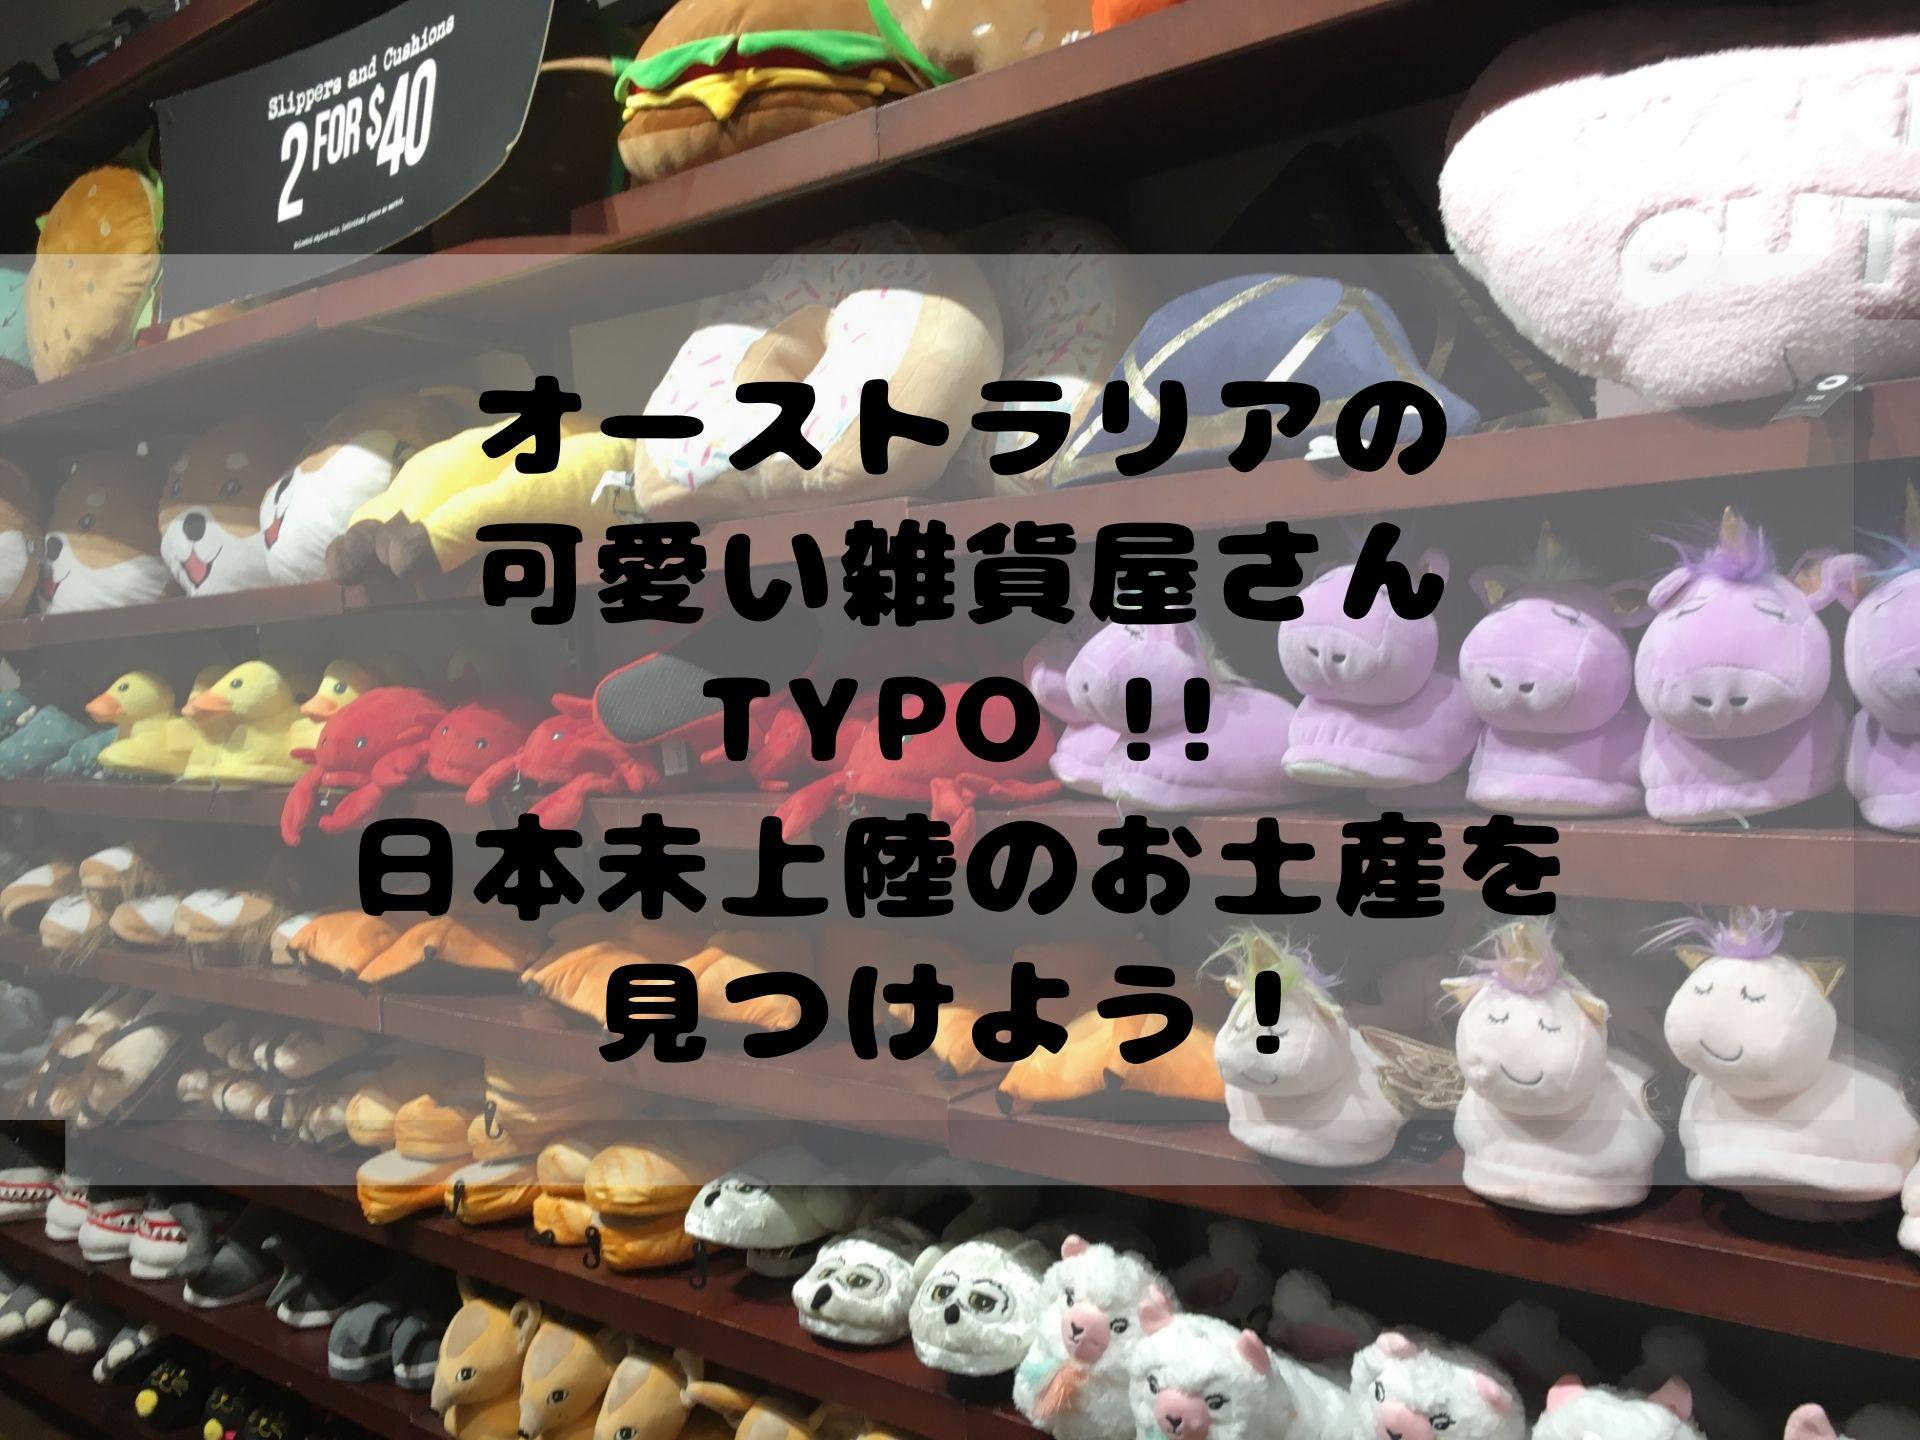 オーストラリアの可愛い雑貨屋さん Typo !! 日本未上陸のお土産を見つけよう!